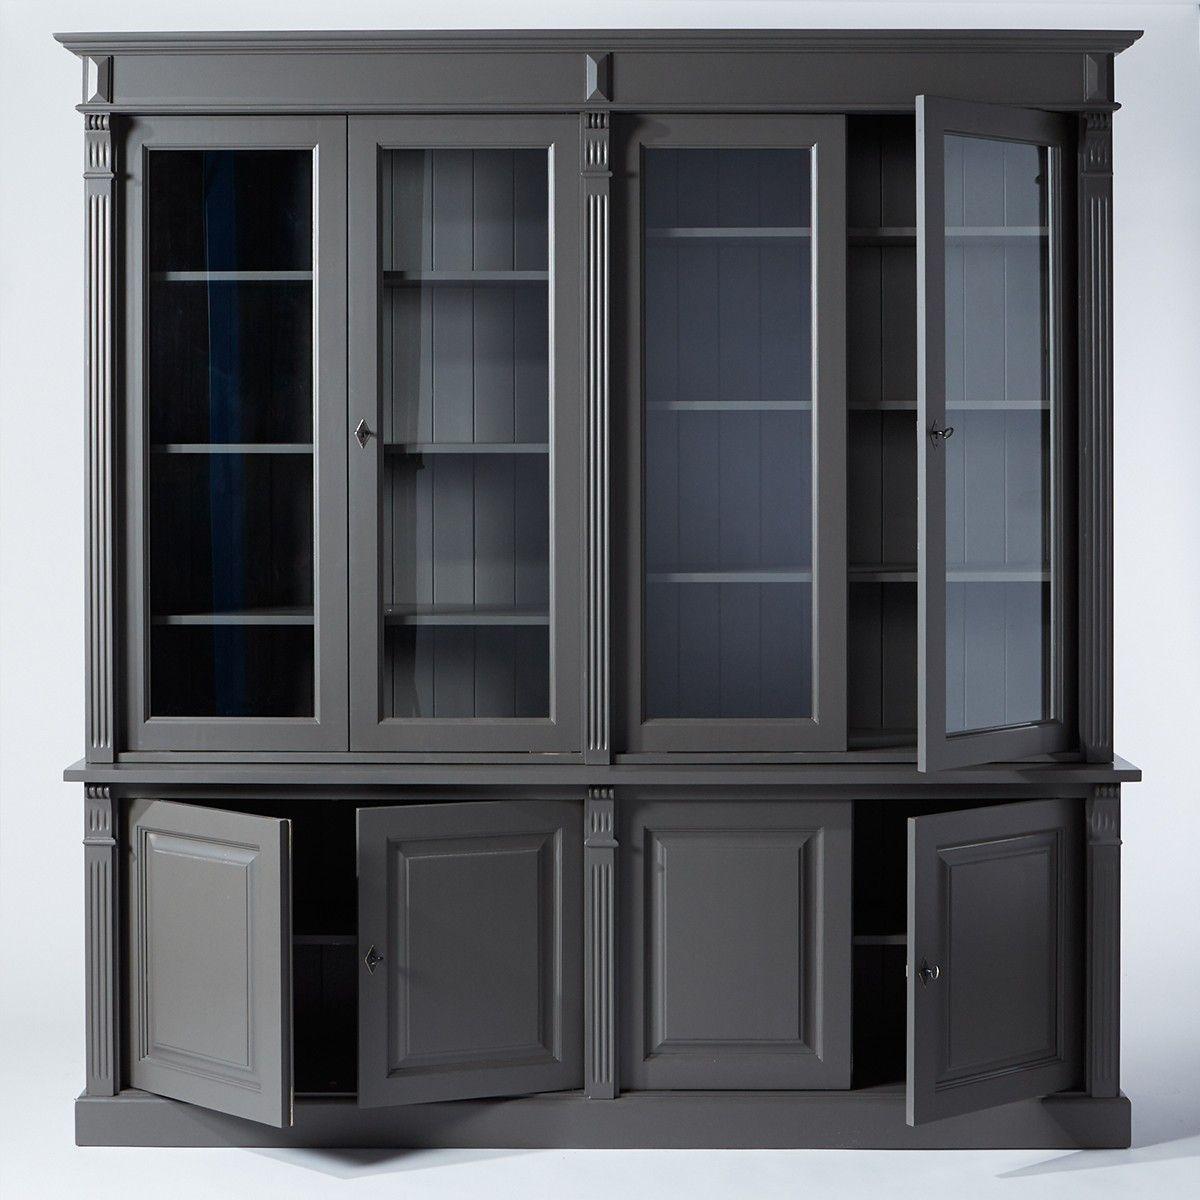 Grand buffet vaisselier gris foncé avec 4 portes et nombreuses étagères.  Style intemporel, convient à tous les intérieurs ! 9a8d0bbfadd4